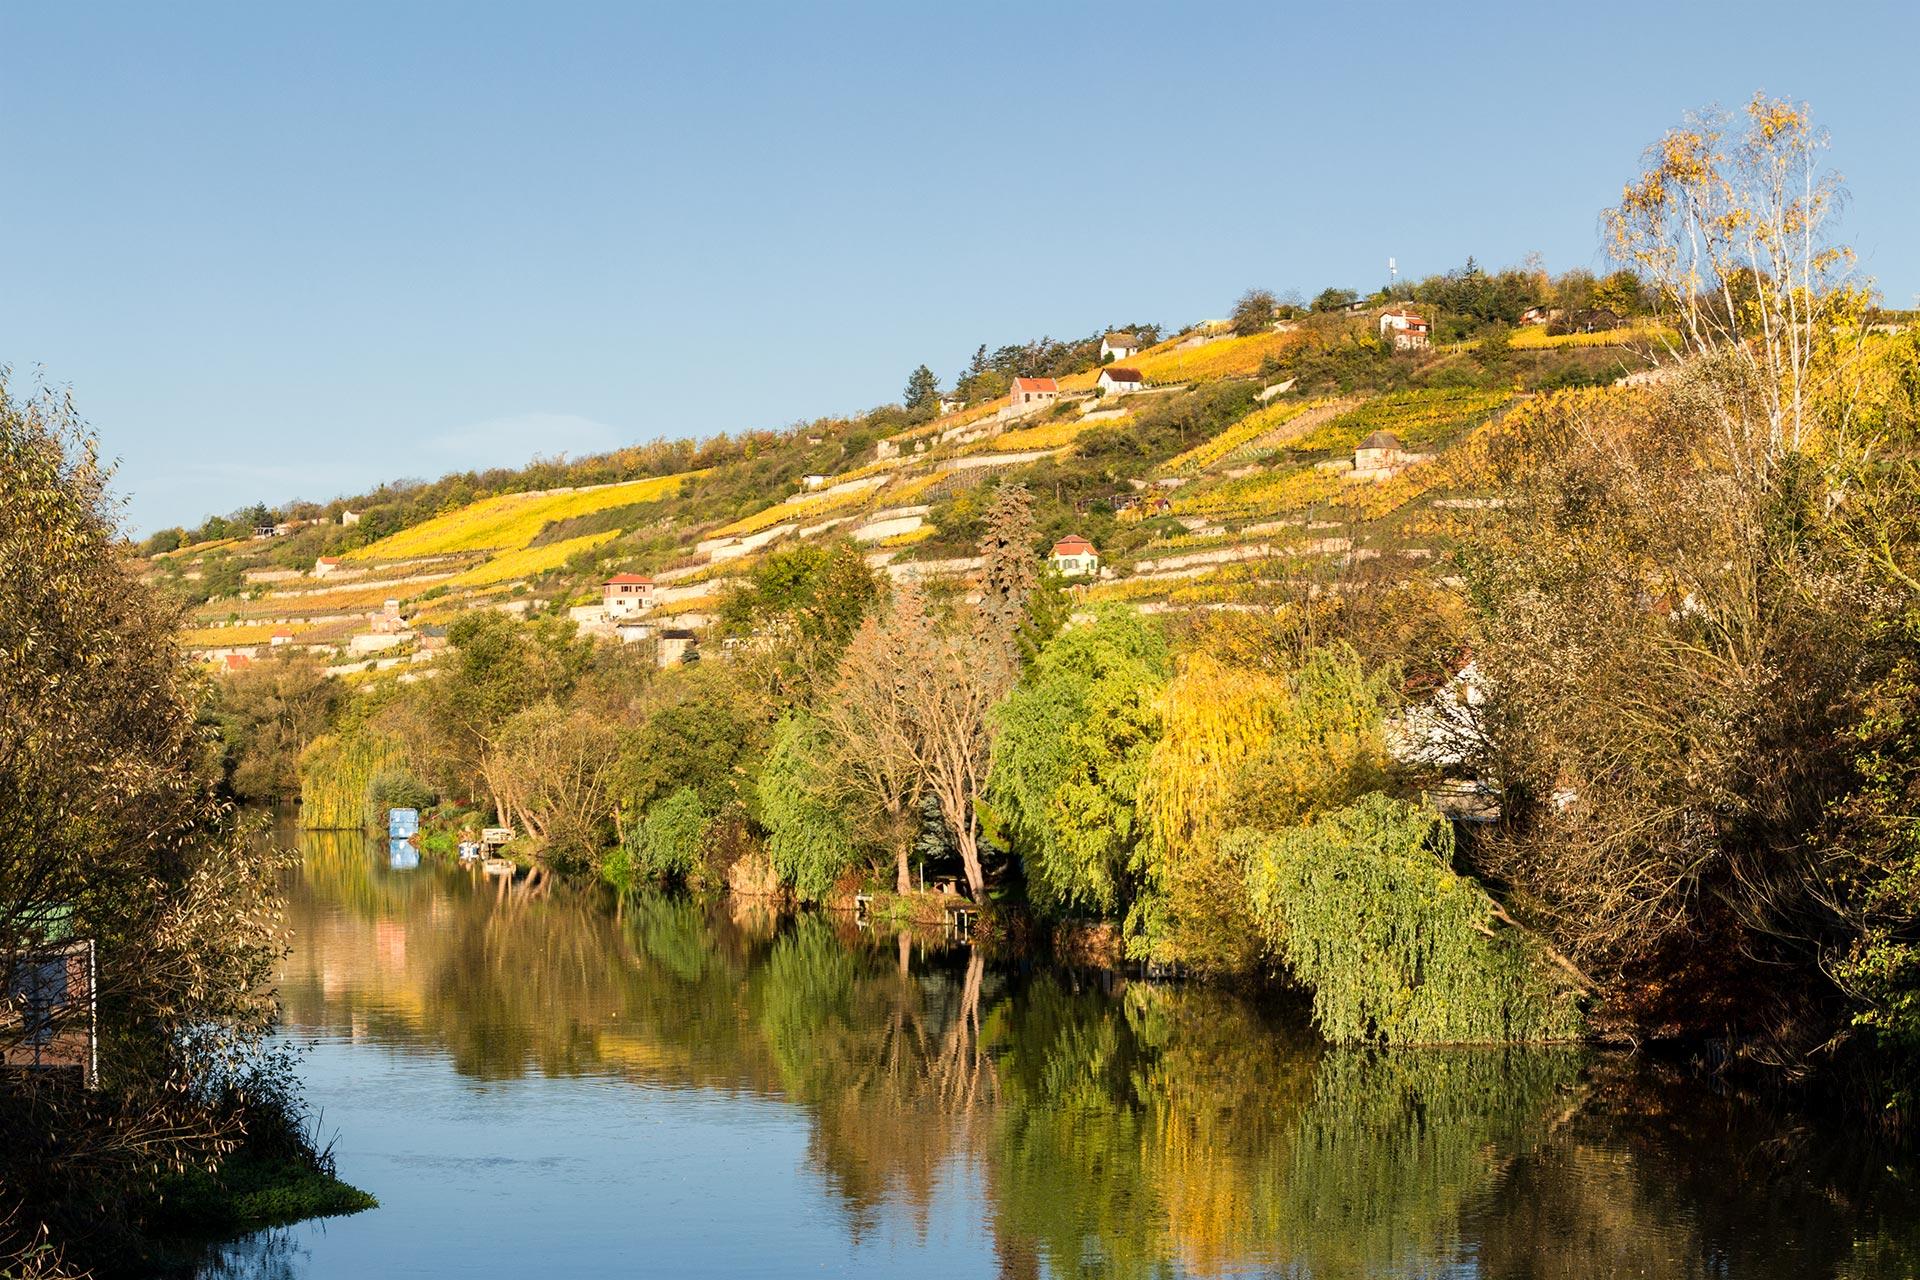 Herbstliches Farbspiel an den Weinhängen bei Freyburg auf dem Weg nach Naumburg